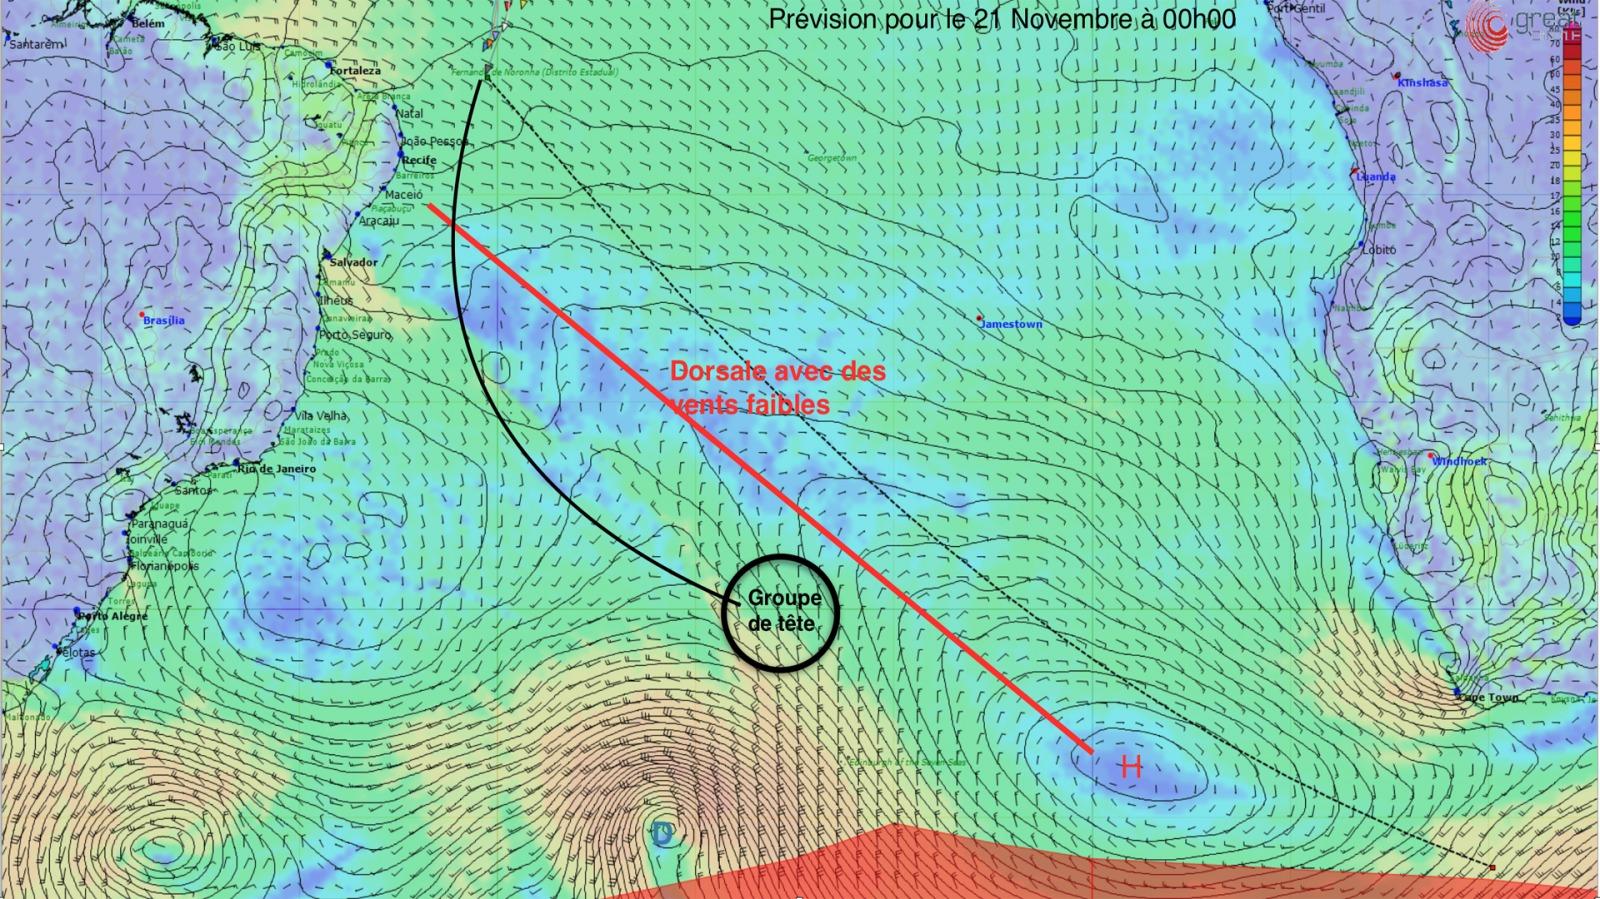 vendée globe, suivez la course ! - Page 10 Prevision-meteo-pour-le-21-novembre-r-1600-1200